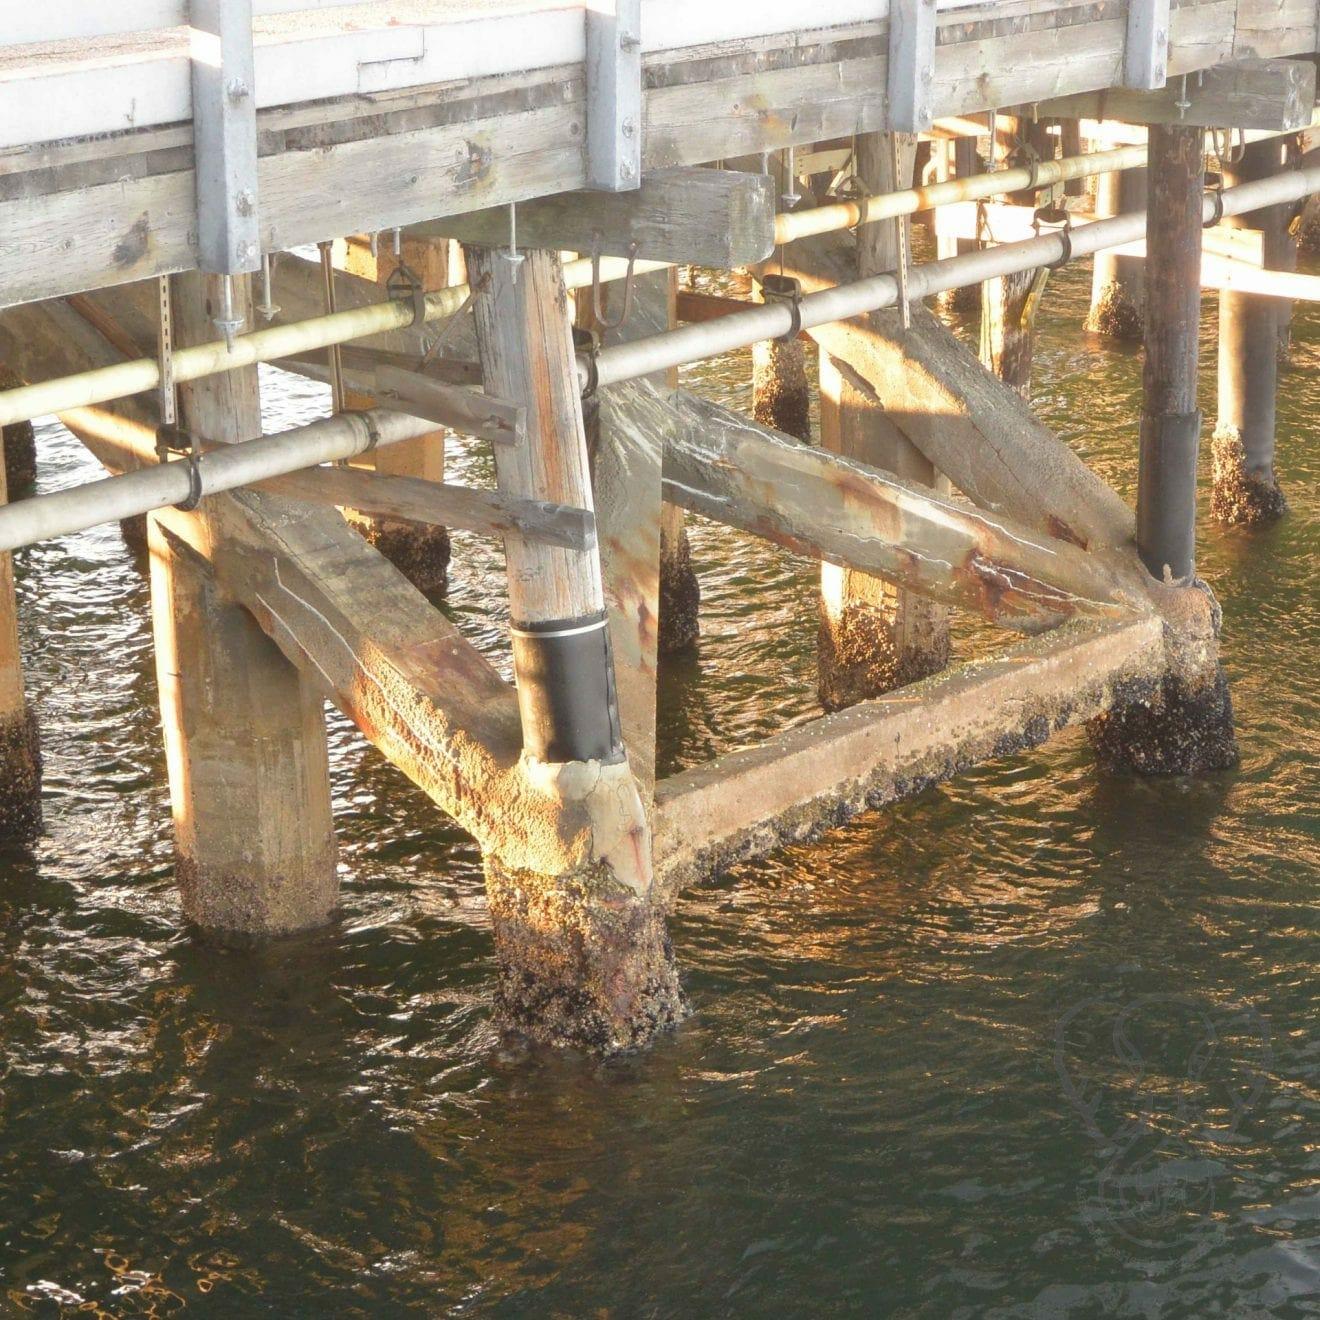 Pier in San Diego, California (Miranda Hernandez)